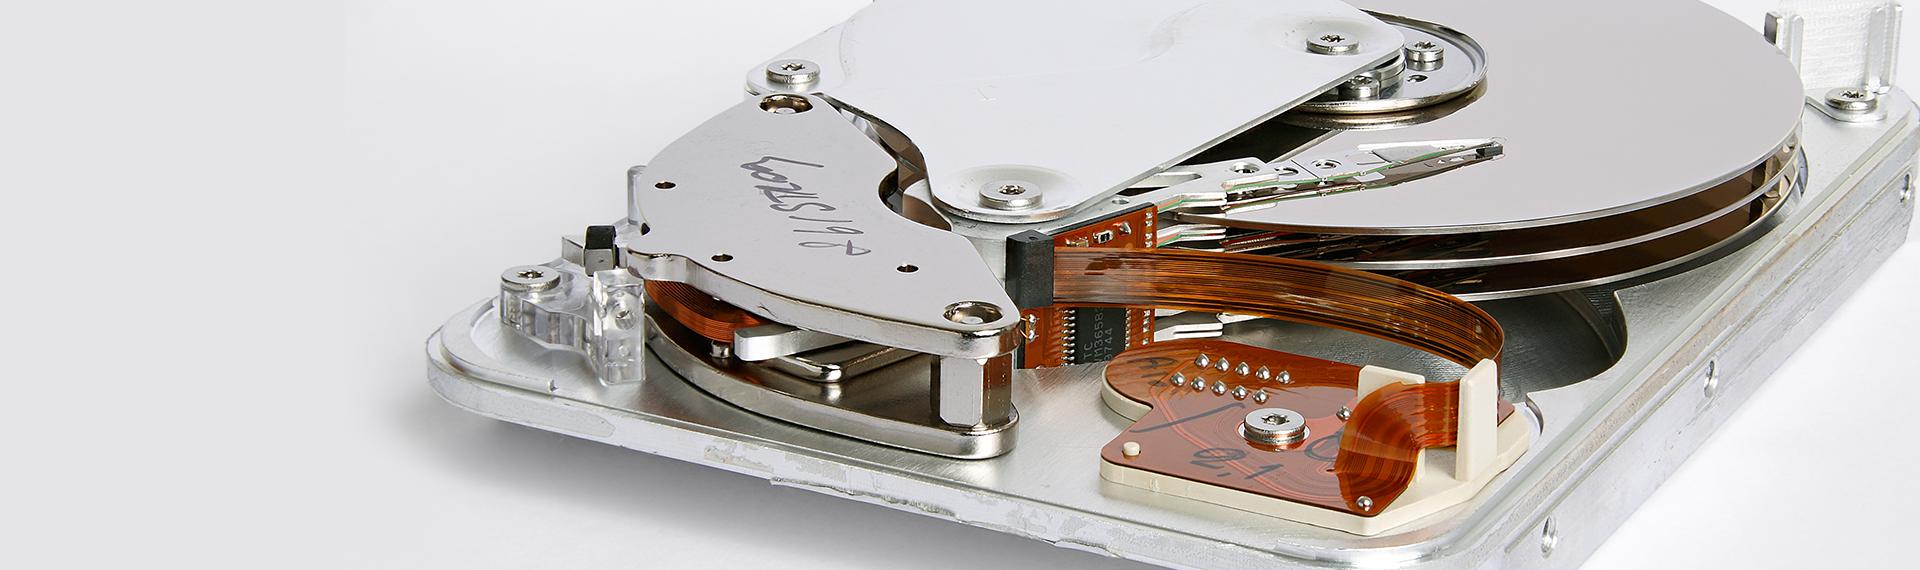 Kenali Ciri Hard Disk Bermasalah dan Cara Mengatasinya